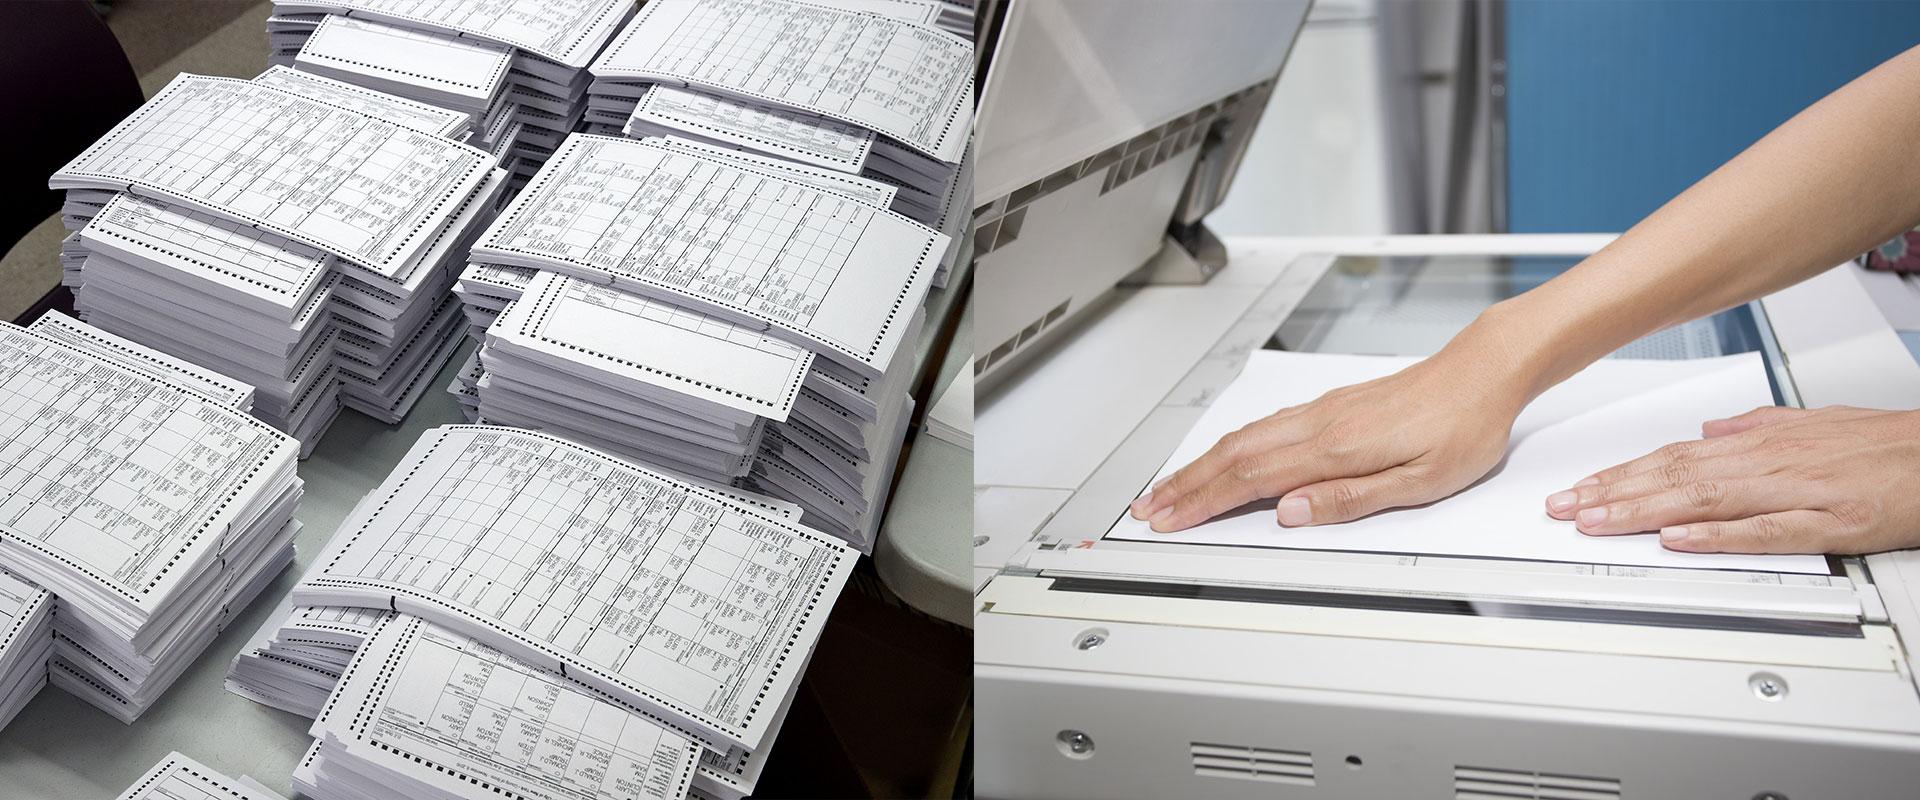 Печать множества документов